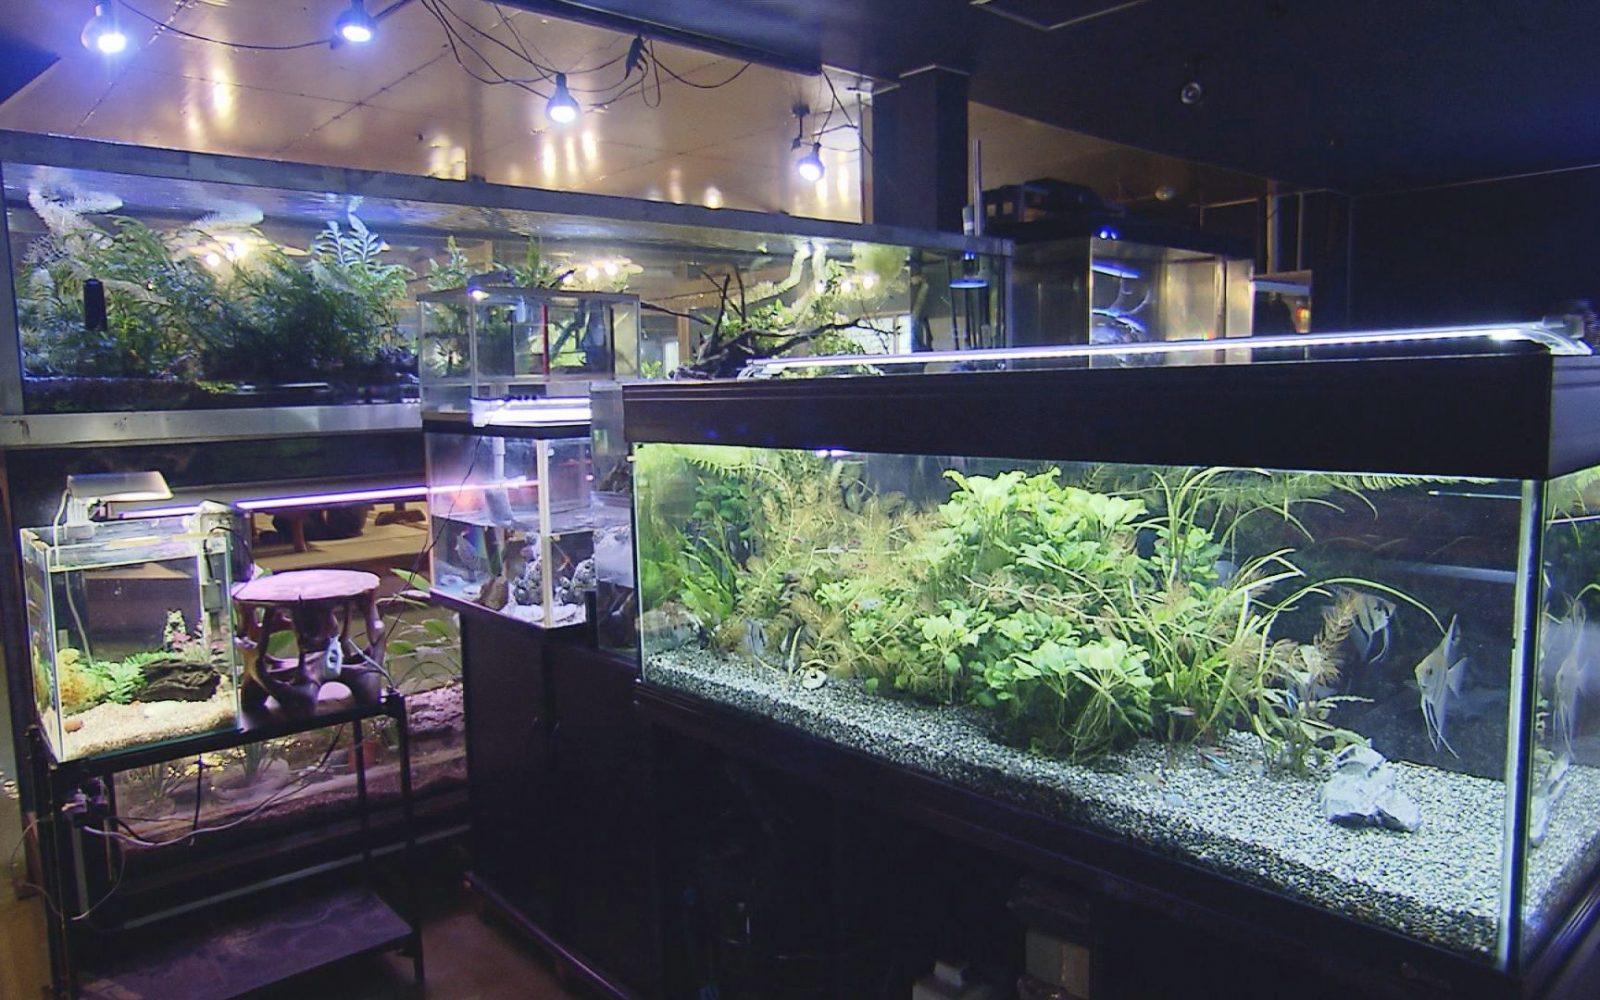 熱帯魚を眺めながら体も心も癒される一風変わったお食事処